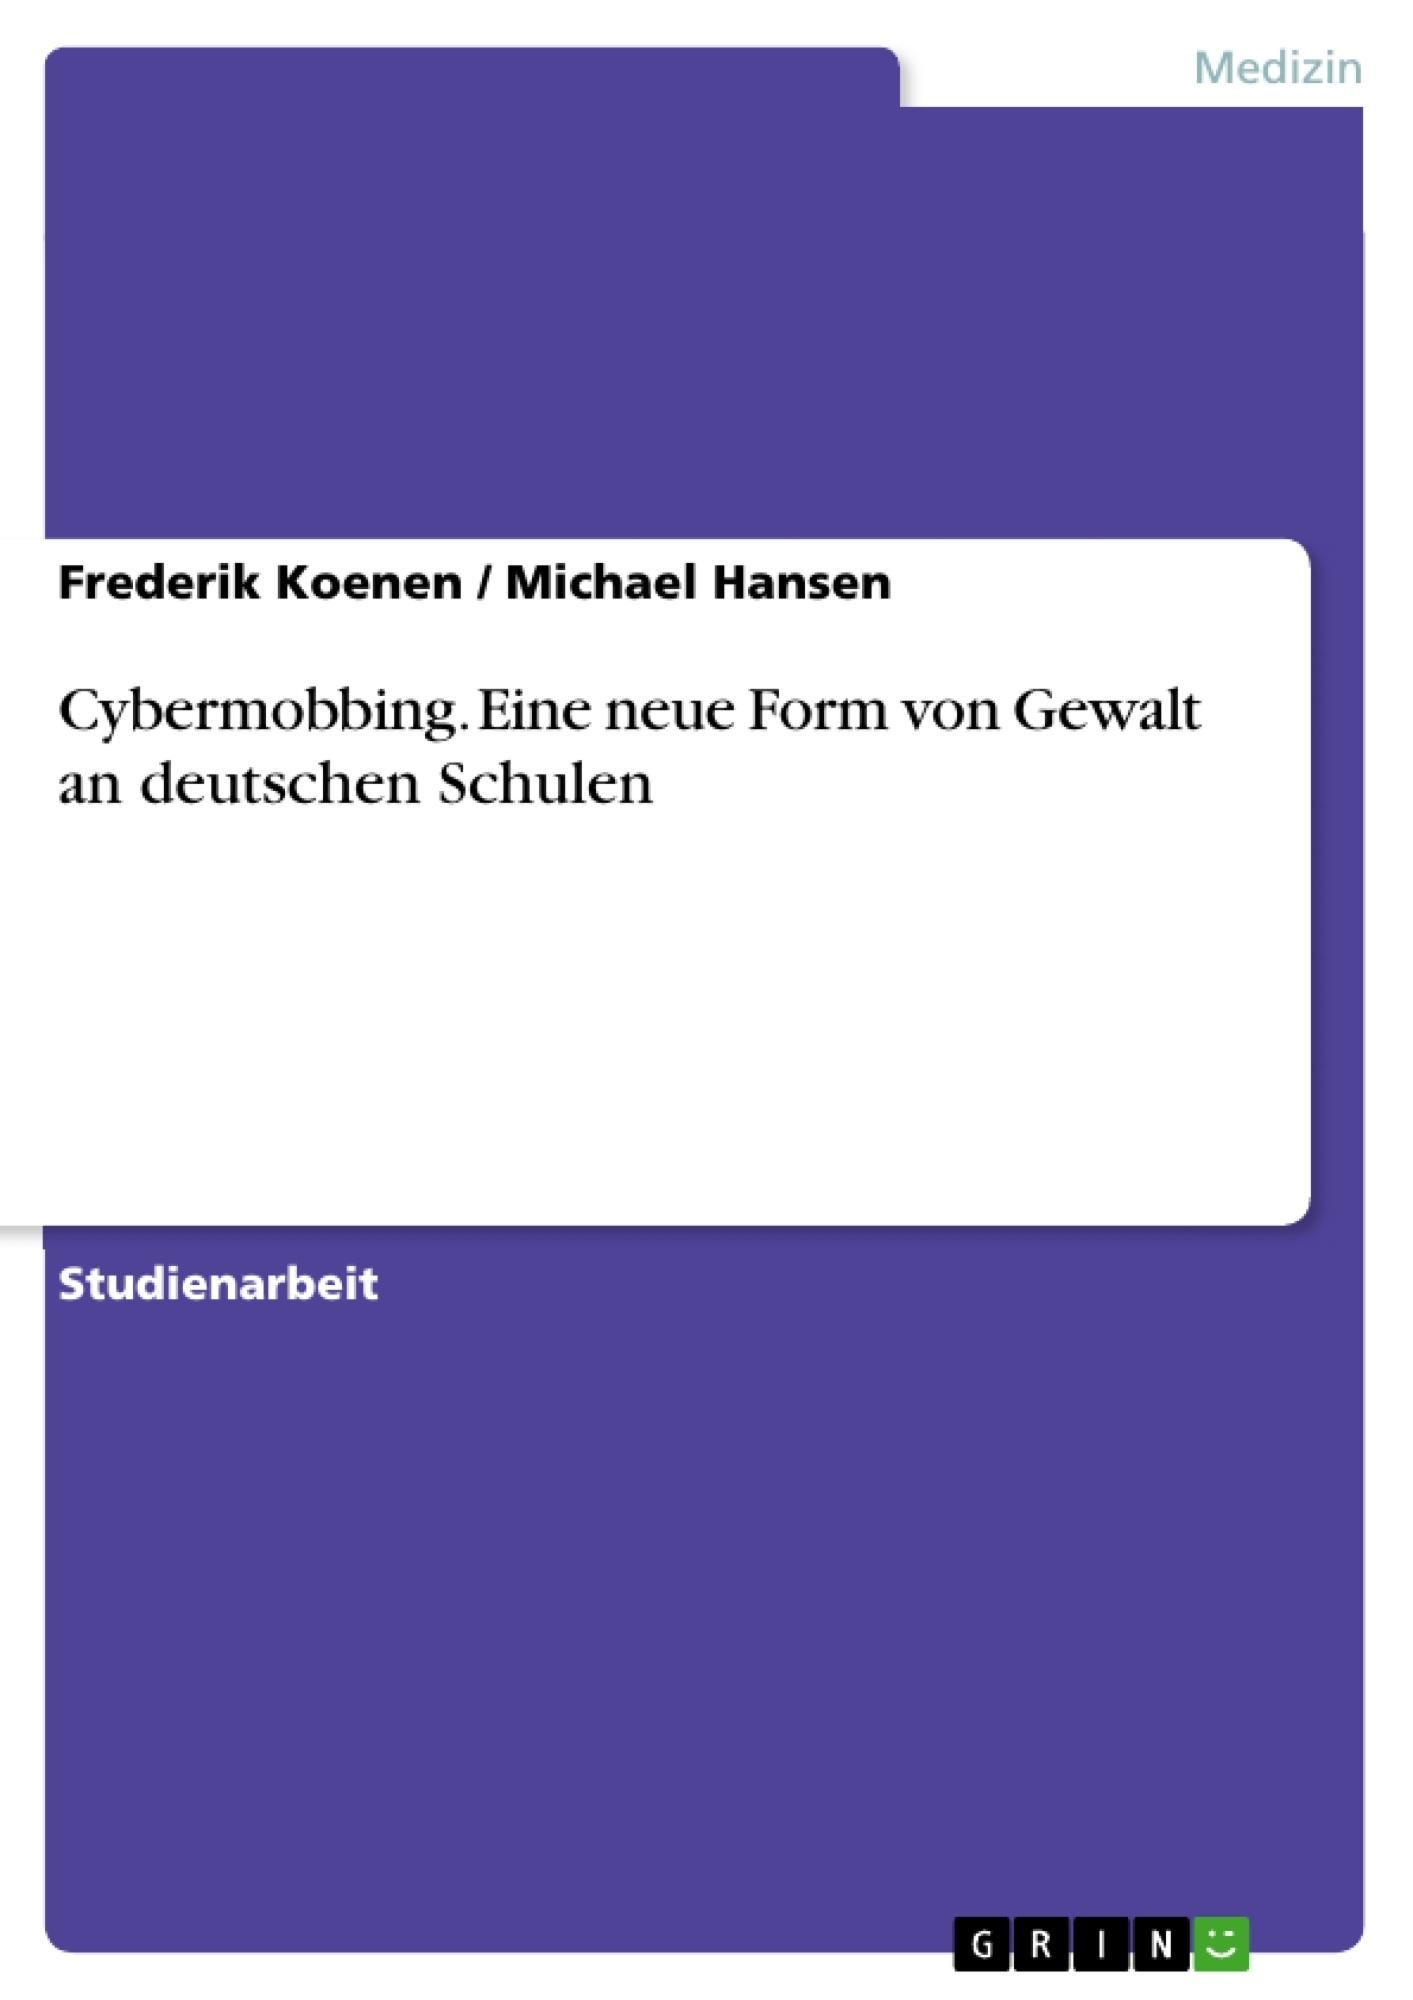 Titel: Cybermobbing. Eine neue Form von Gewalt an deutschen Schulen